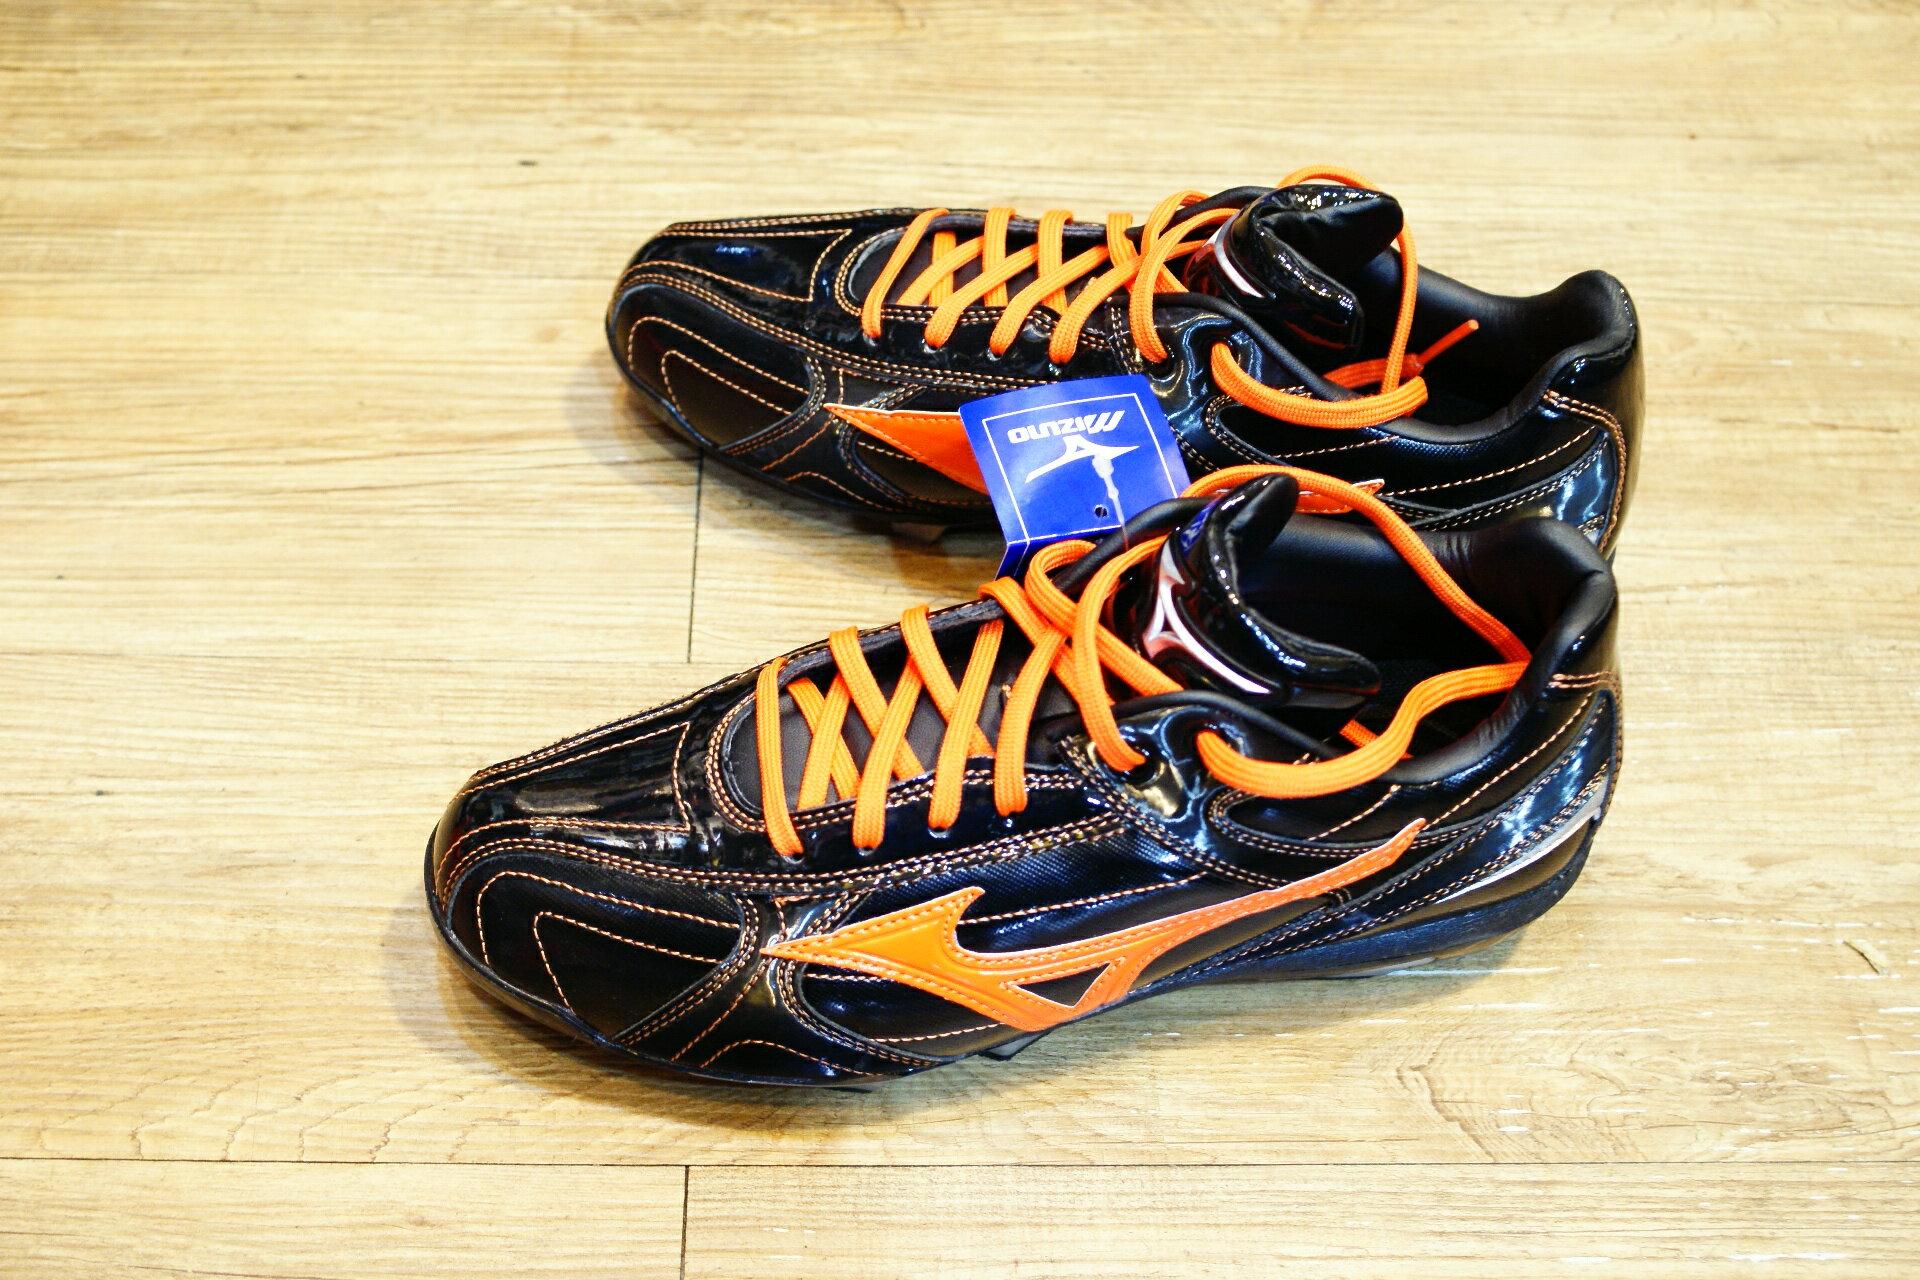 棒球世界 2015年 MIZUNO美津濃 Wave Franchise 棒壘球鞋 特價 黑橘巨人配色款式